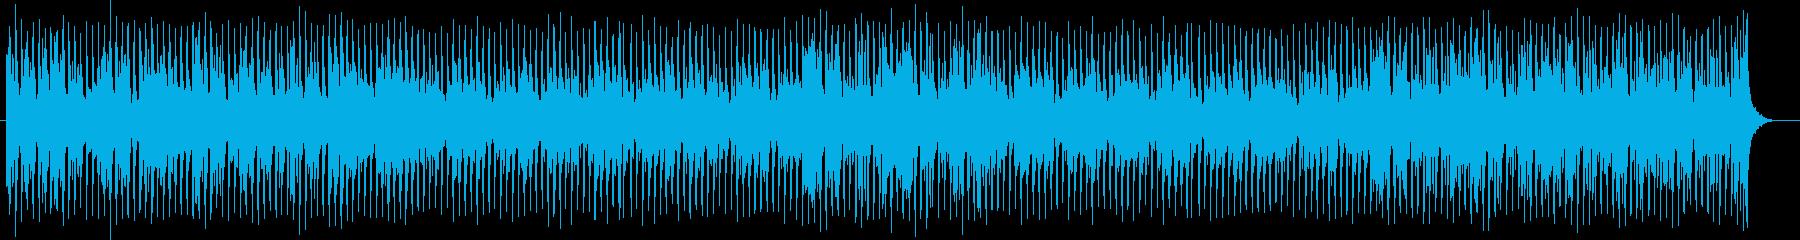 管楽器が特徴的な明るい雰囲気のポップスの再生済みの波形